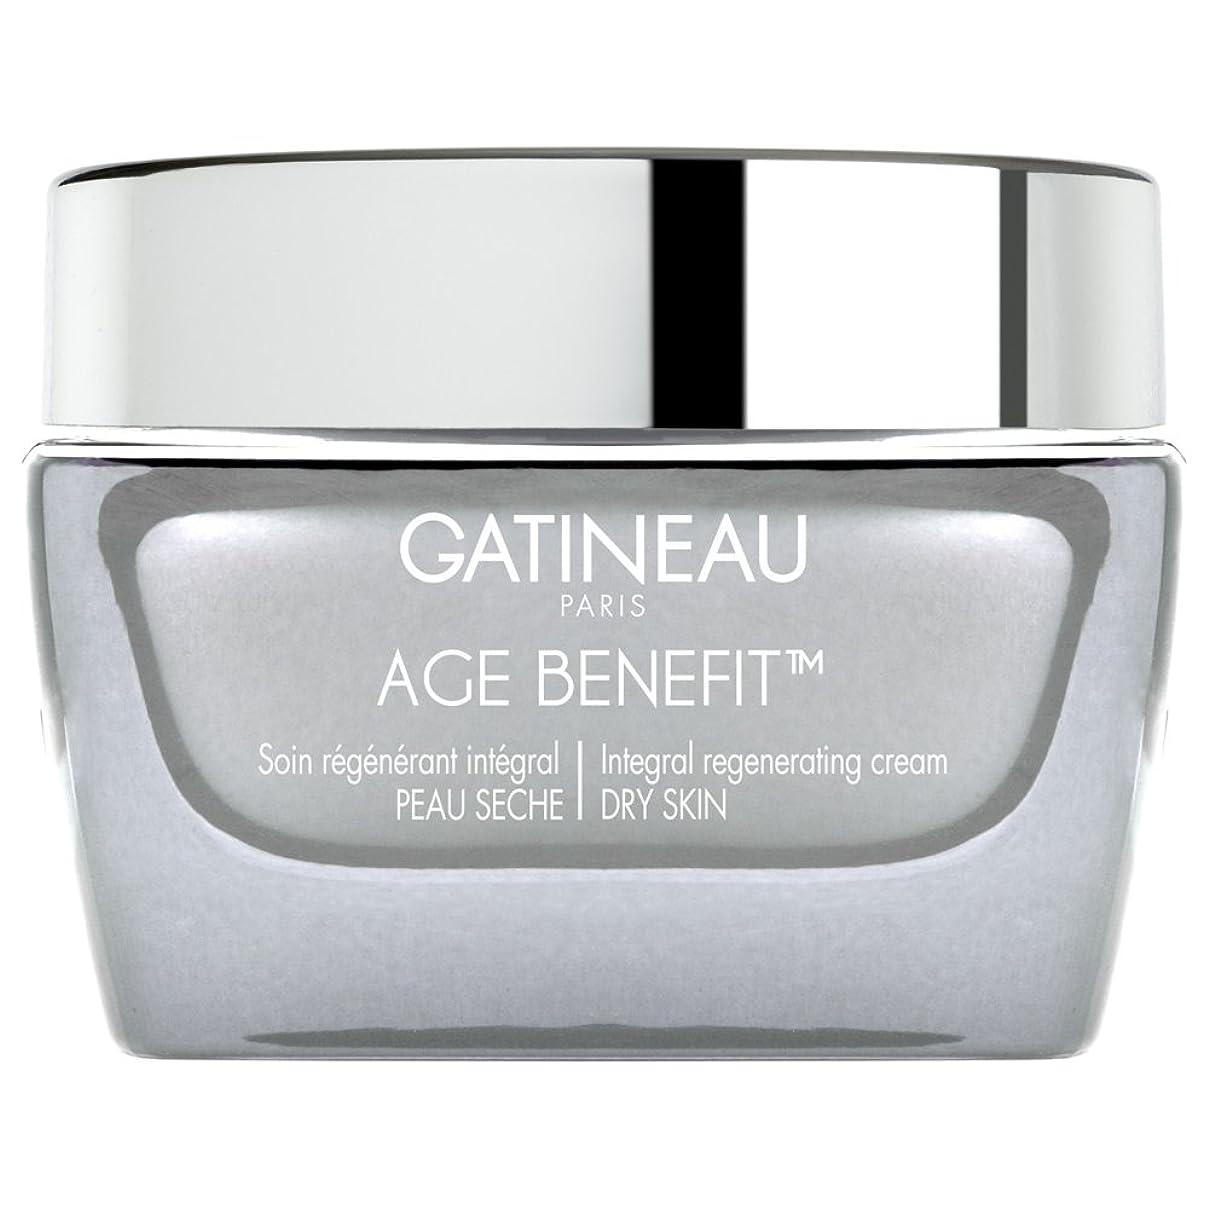 来て捧げるアニメーションガティノー年齢給付再生ドライスキンクリーム、50ミリリットル (Gatineau) (x6) - Gatineau Age Benefit Regenerating Dry Skin Cream, 50ml (Pack of 6) [並行輸入品]